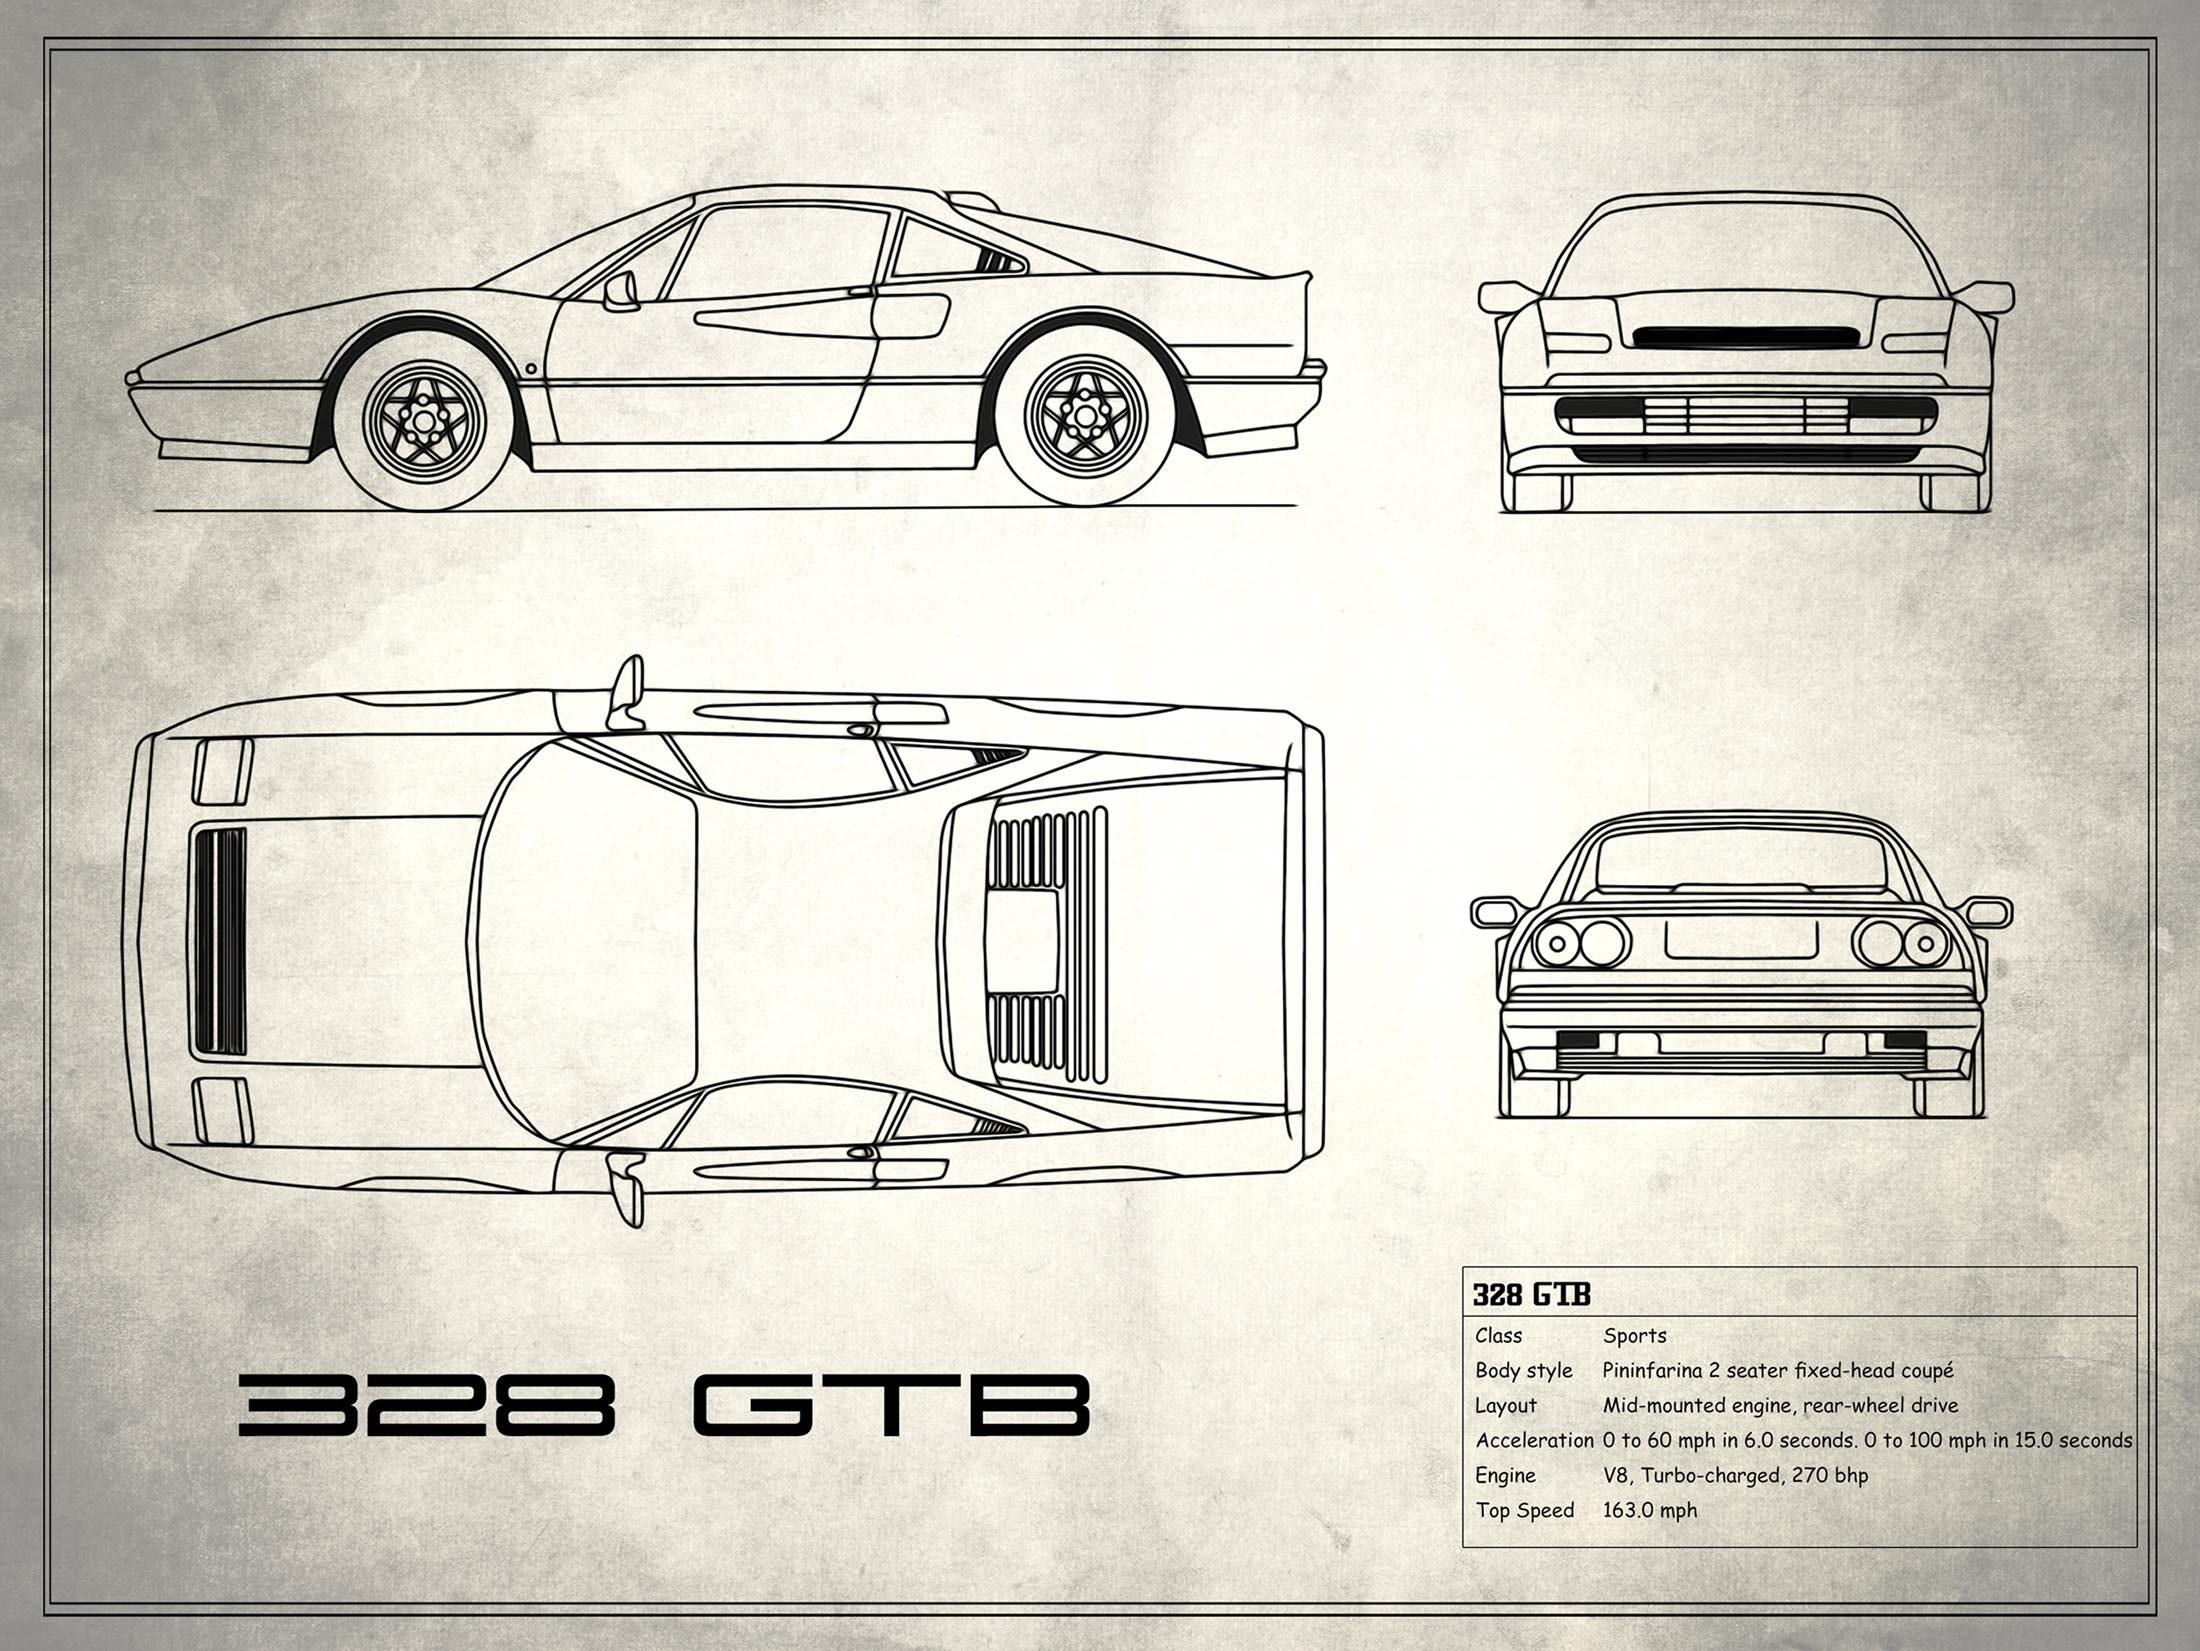 Ferrari 328 GTB - White